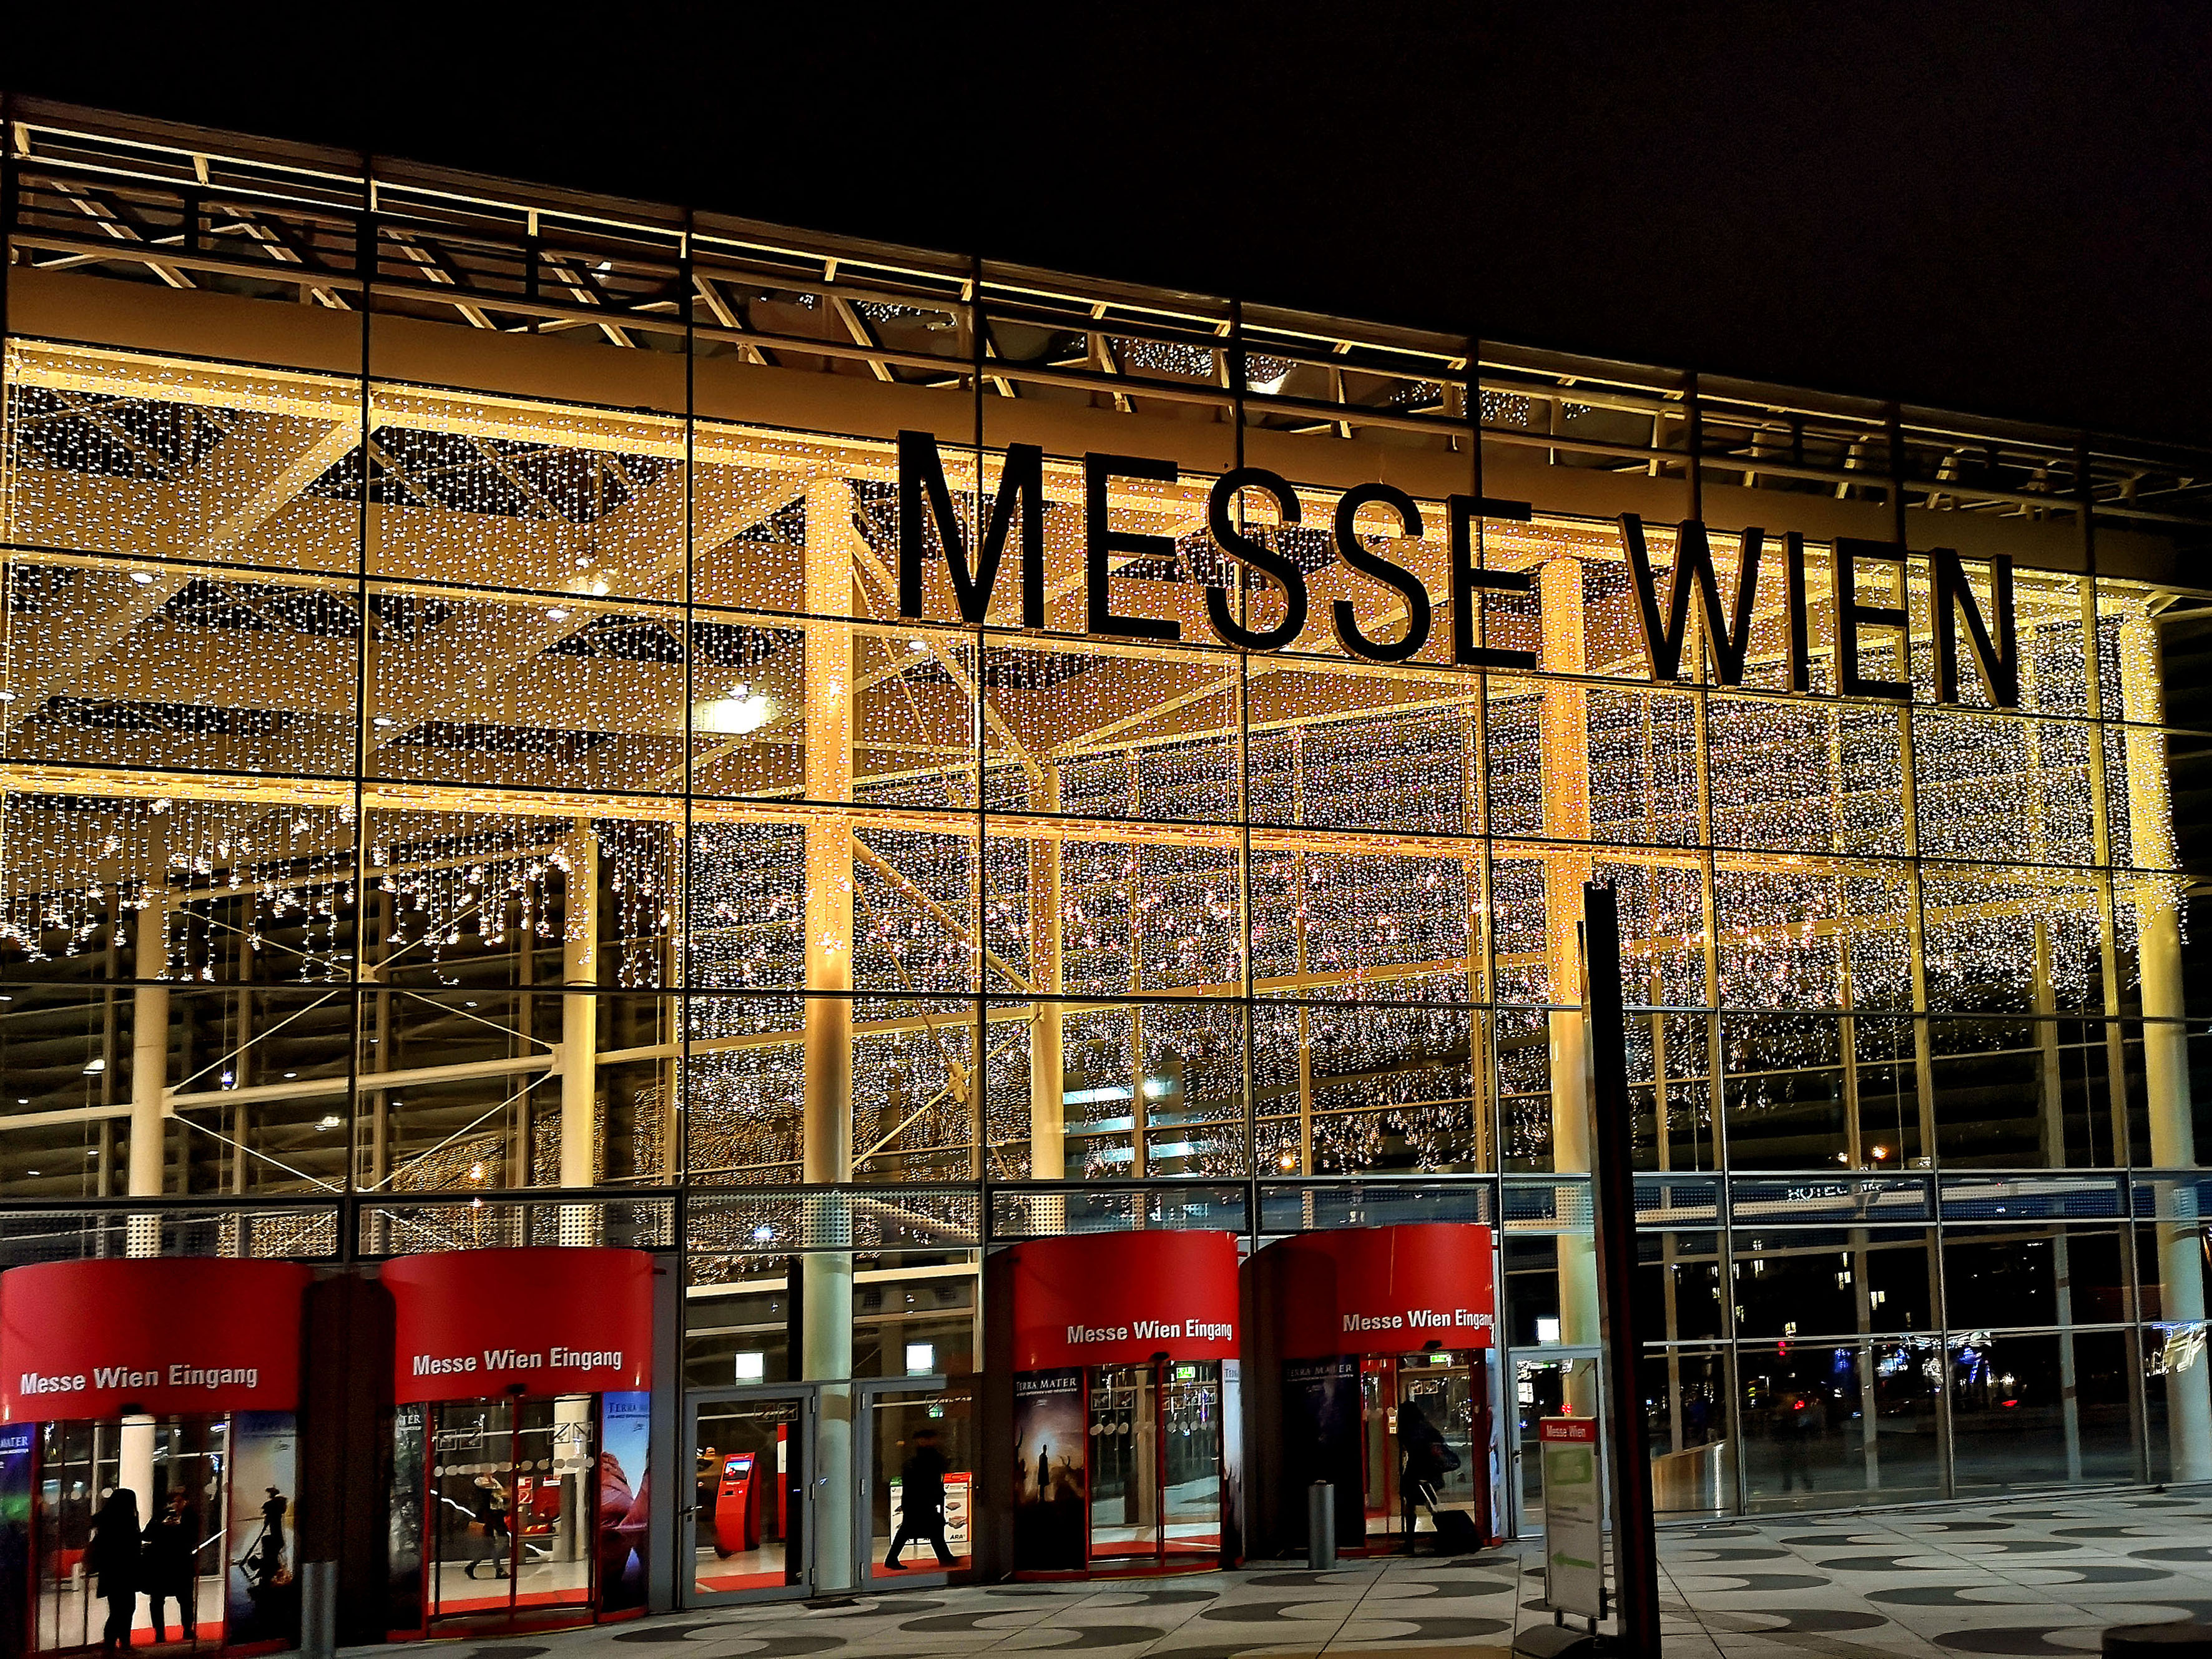 Foto: Michael B. Rehders - Zwei kurzweilige Messetage in Wien gehen zu Ende. Die Messehalle leuchte nach 18 Uhr in bester Voradventsstimmung.